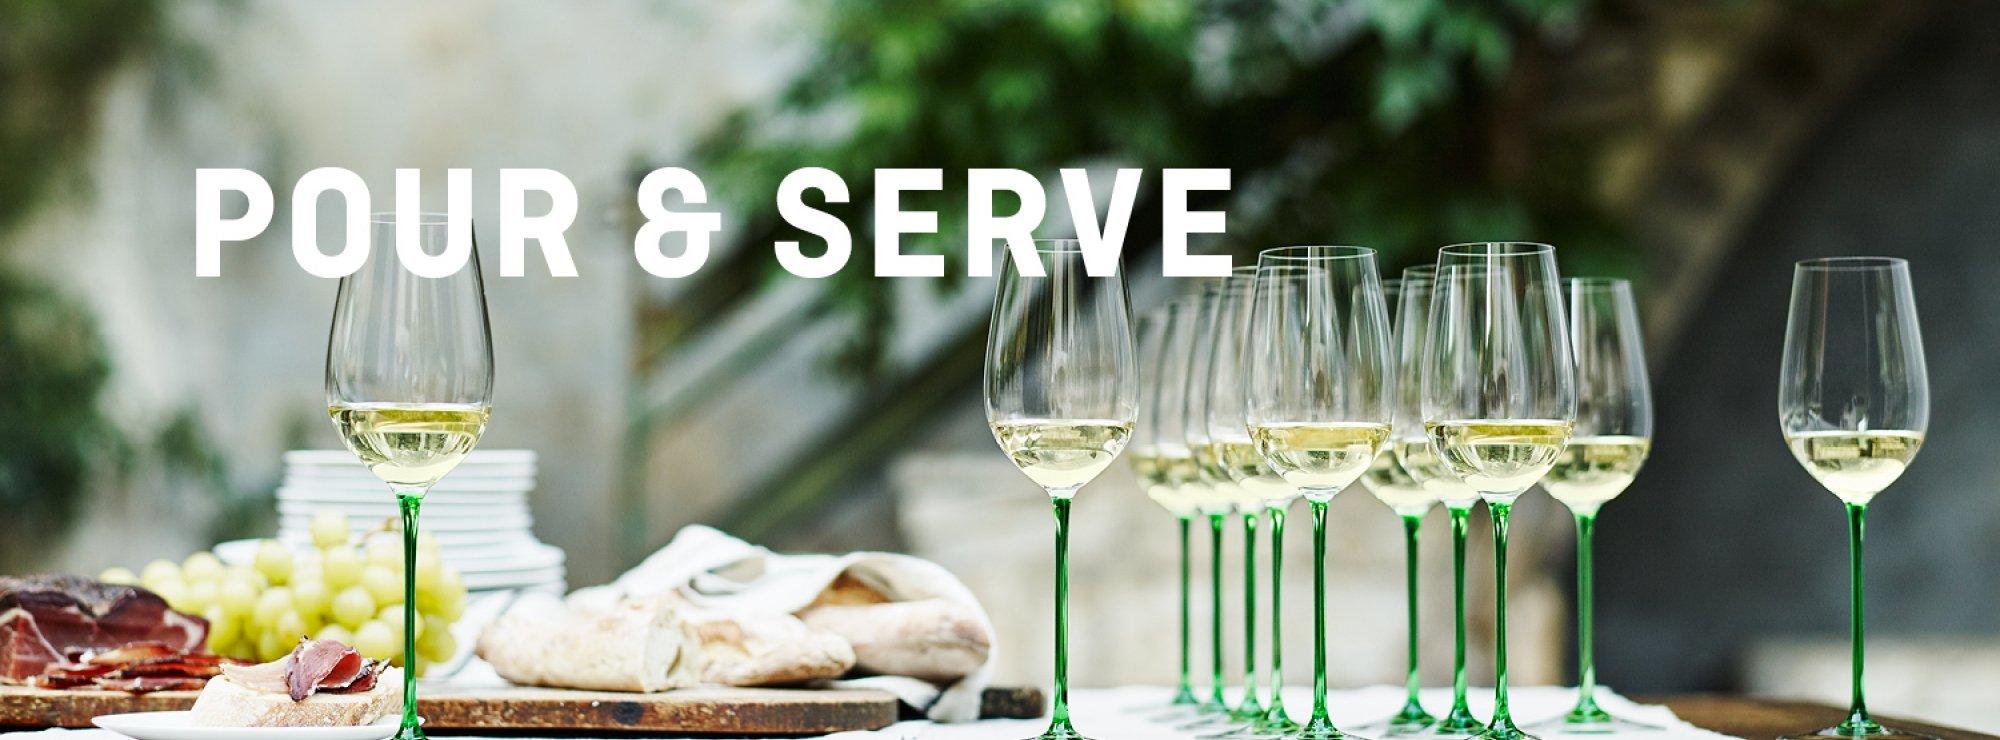 Pour & Serve